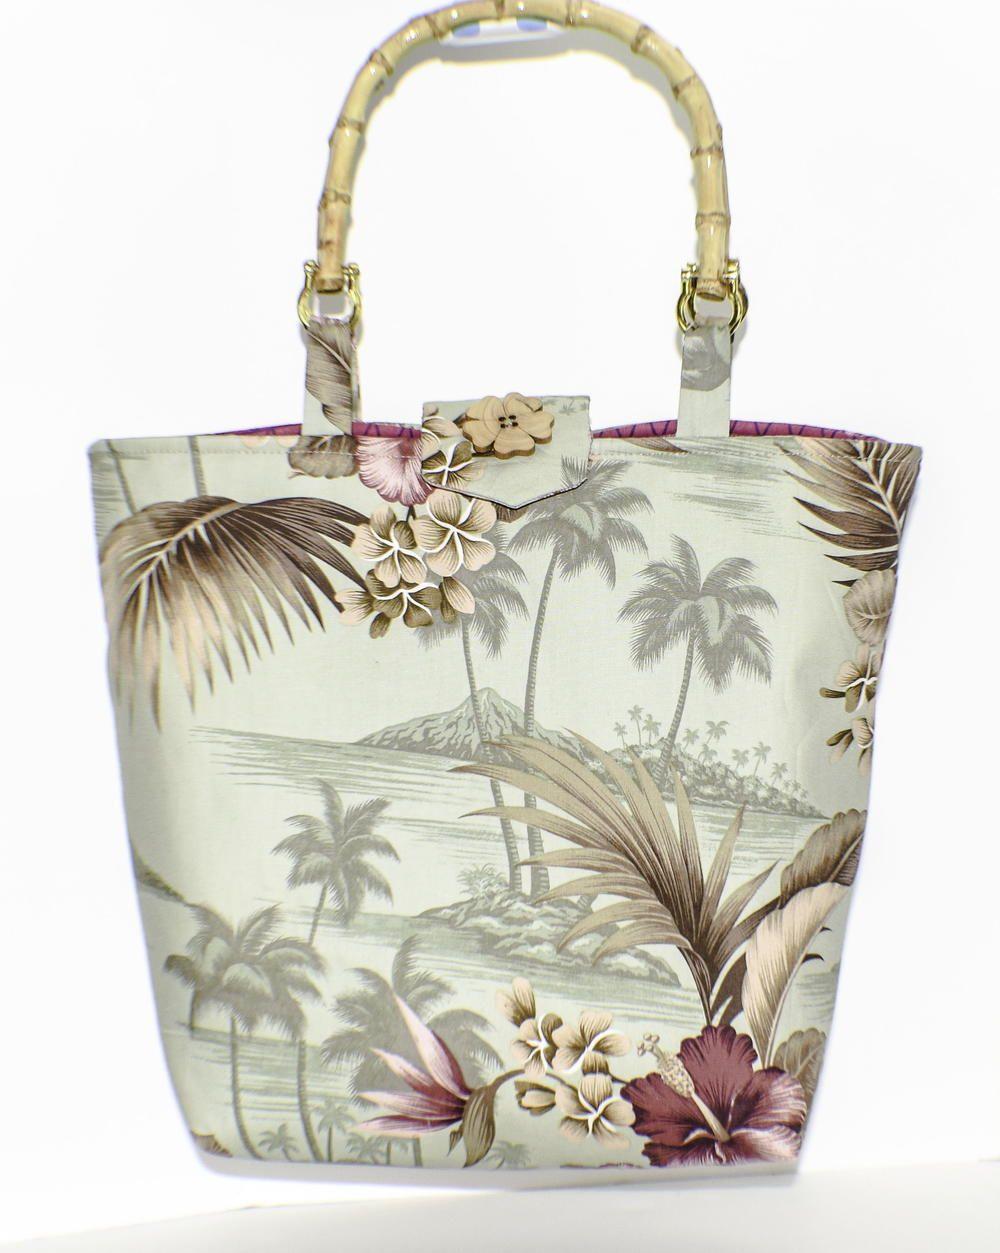 Bamboo handled handbag fabric tote bags bamboo handles